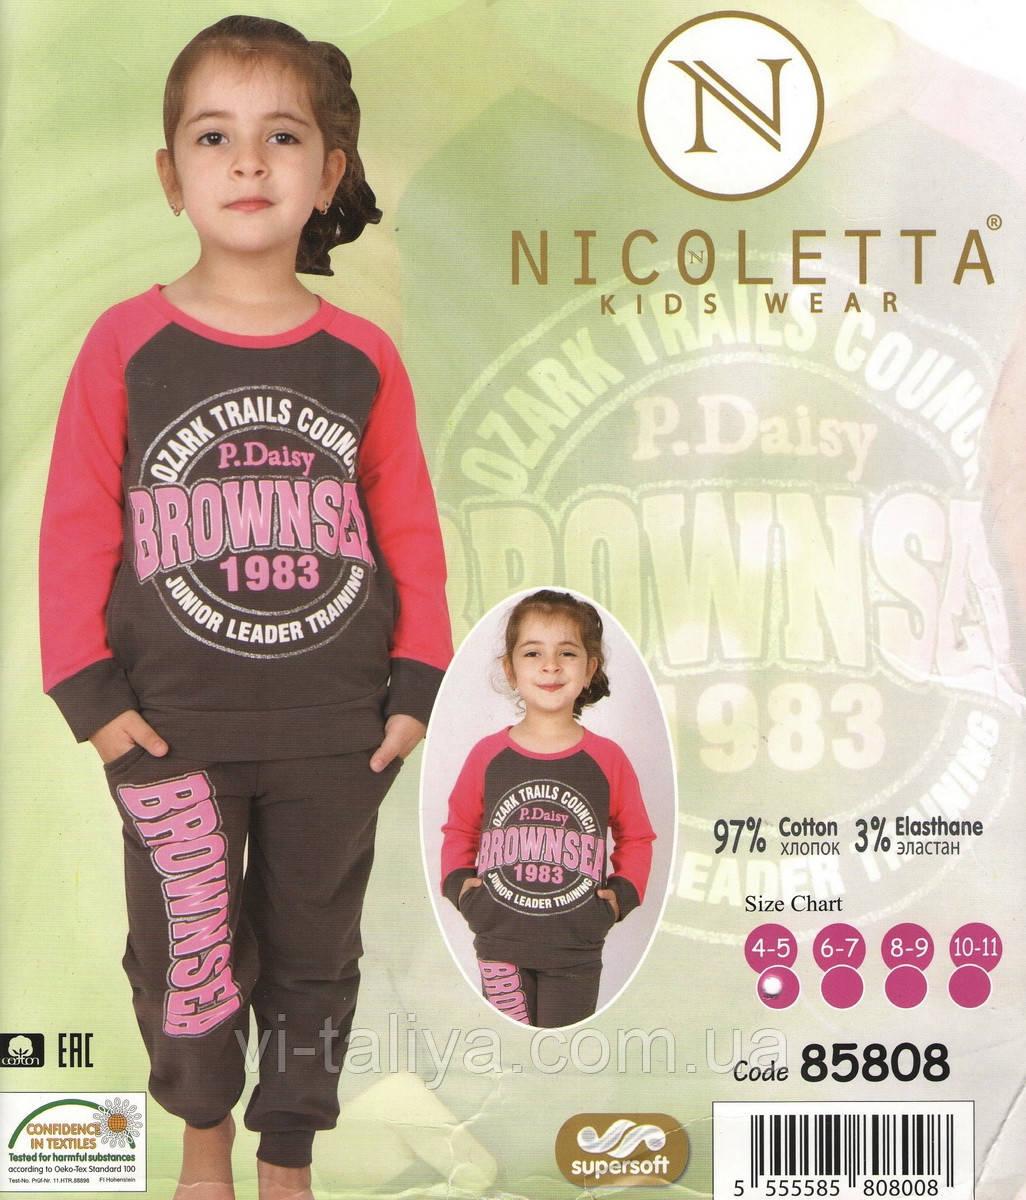 7633a2233866 Комплект детский для дома и отдыха Nicoletta - интернет-магазин vi -taliya.com